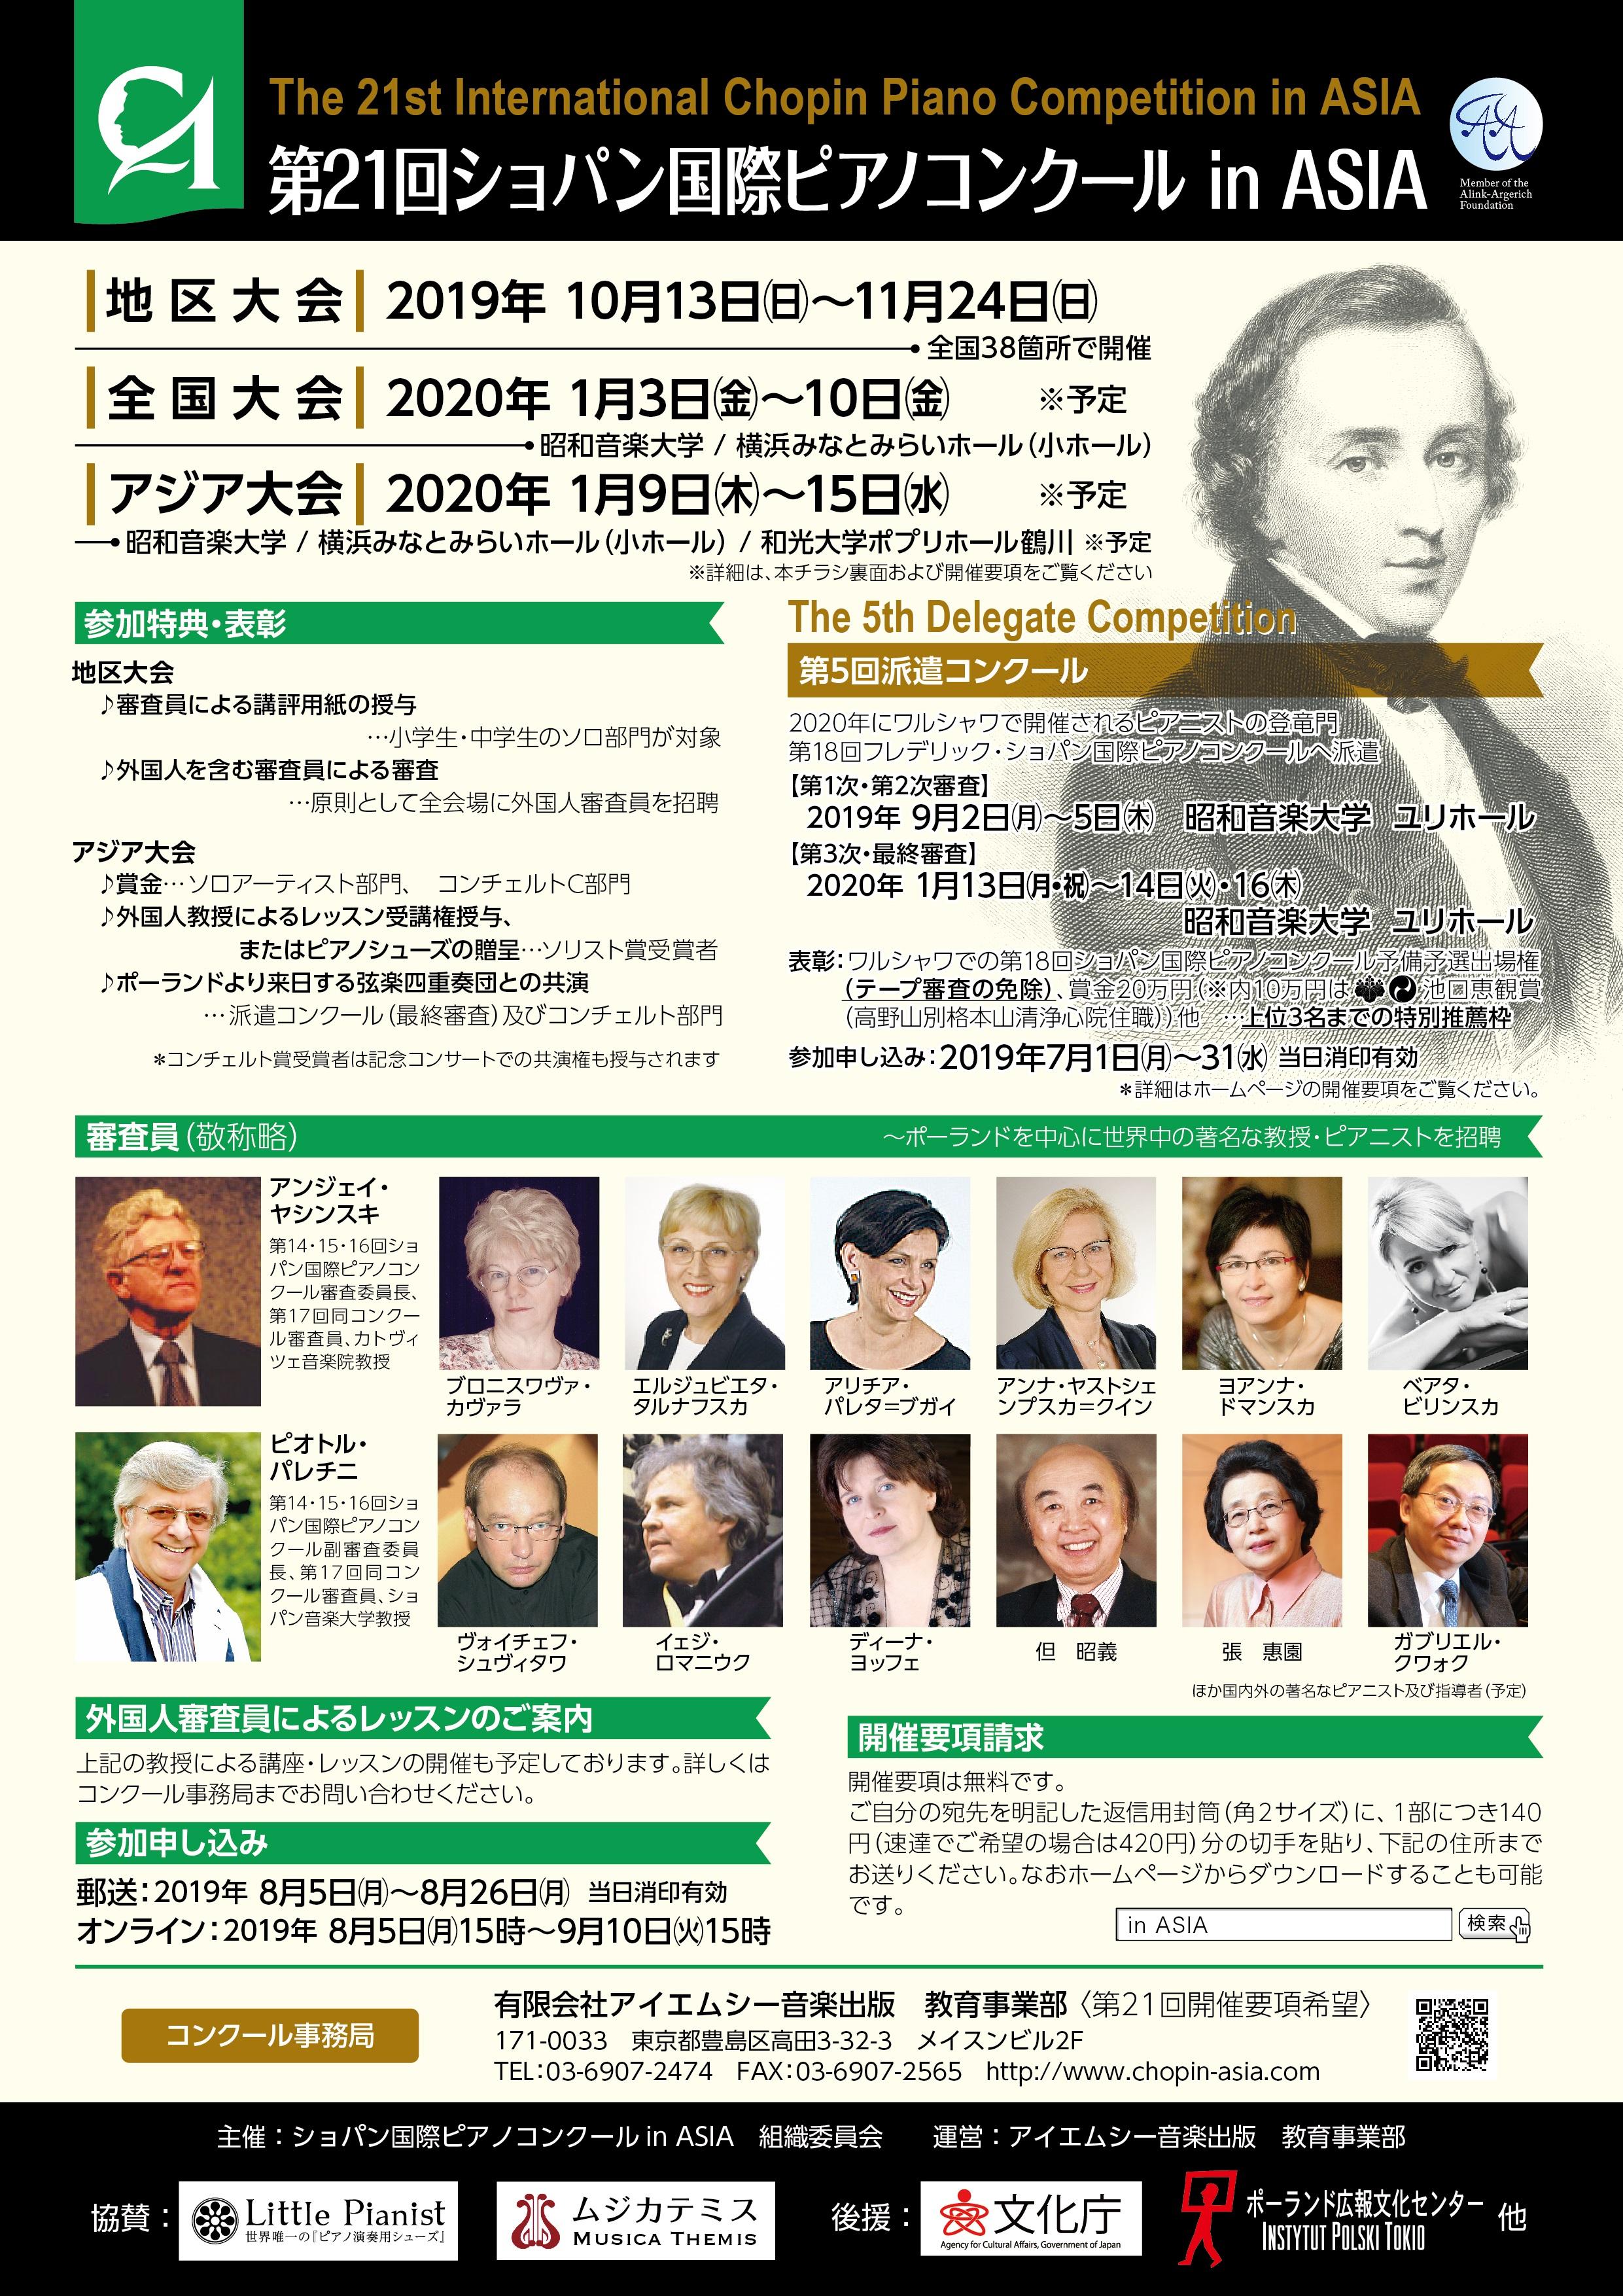 第21回ショパン国際ピアノコンクール in ASIA 鹿児島地区大会